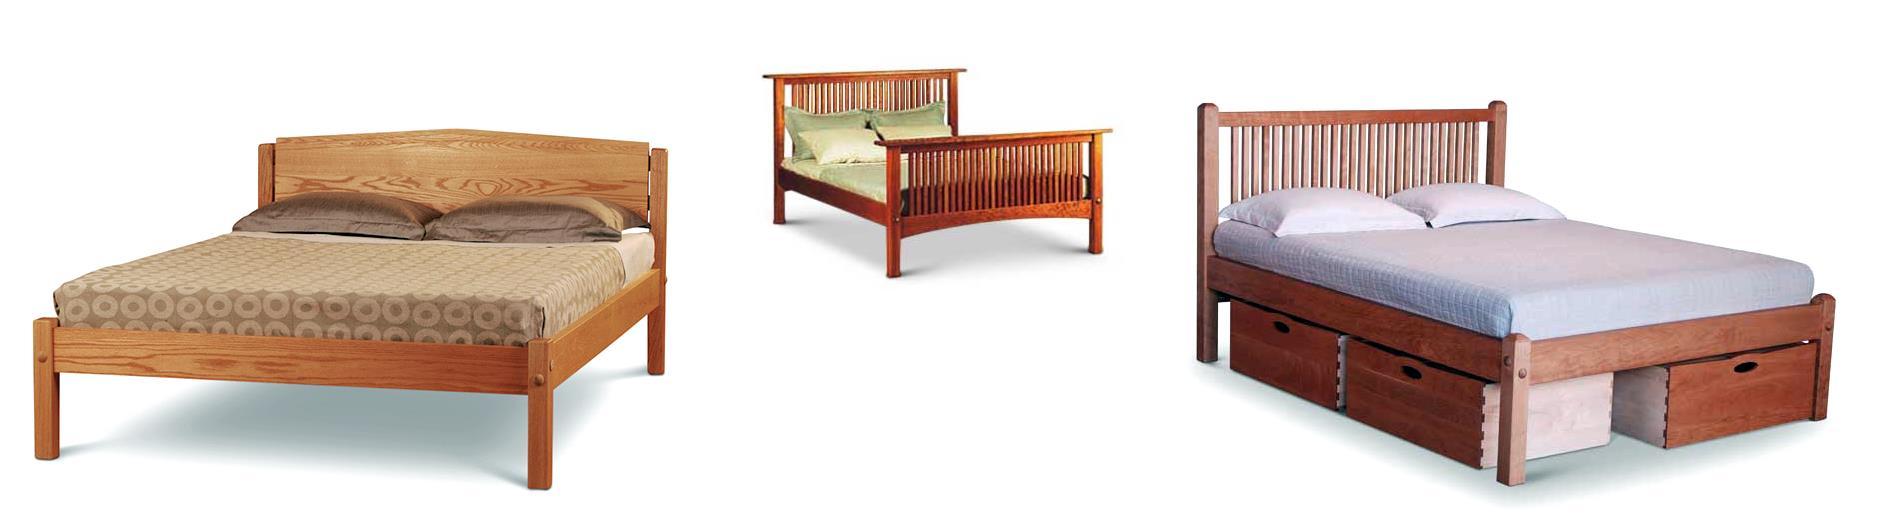 we-are-platform-beds